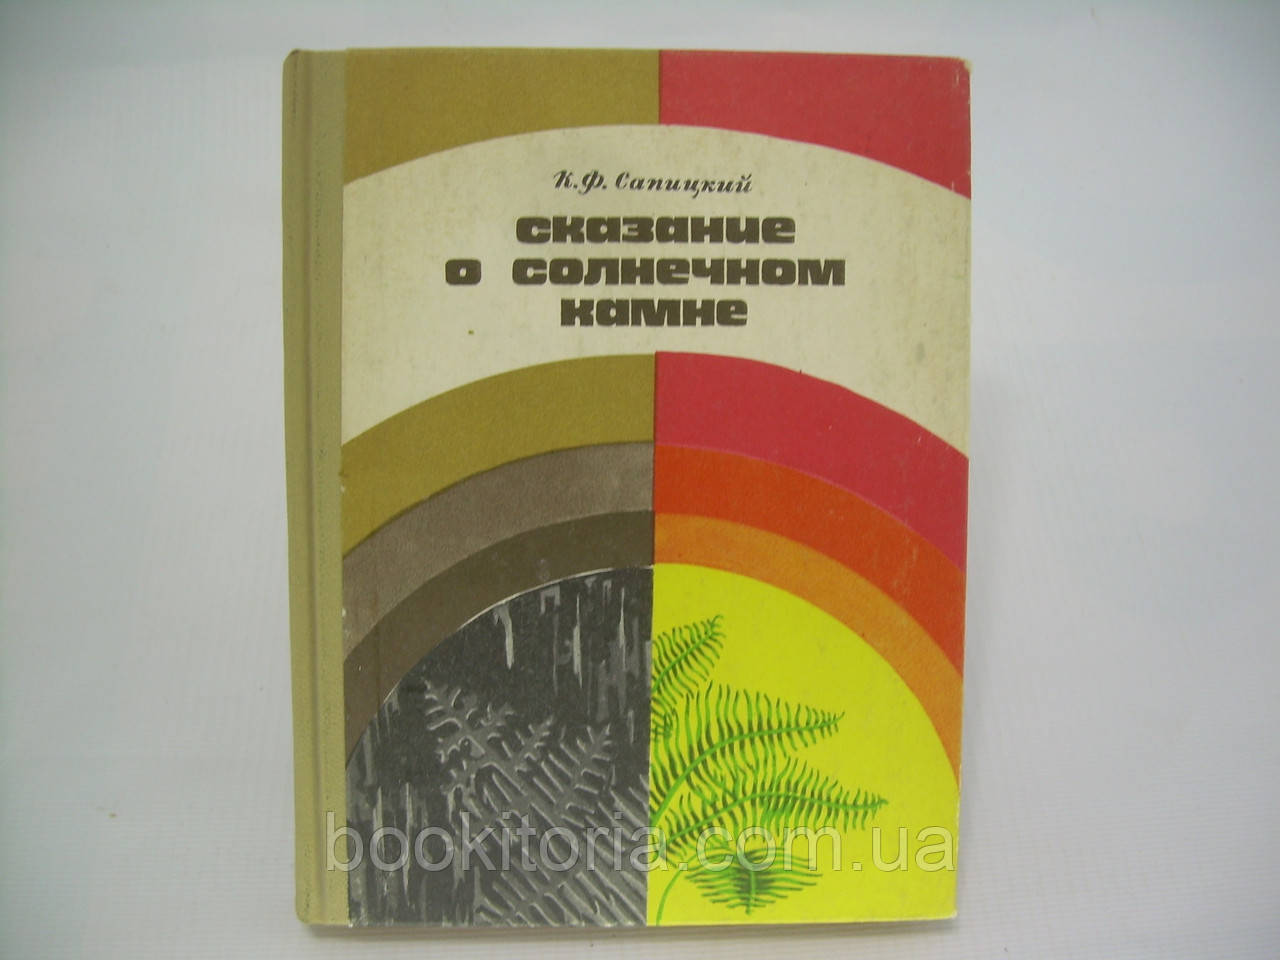 Сапицкий К.Ф. Сказание о солнечном камне (б/у).